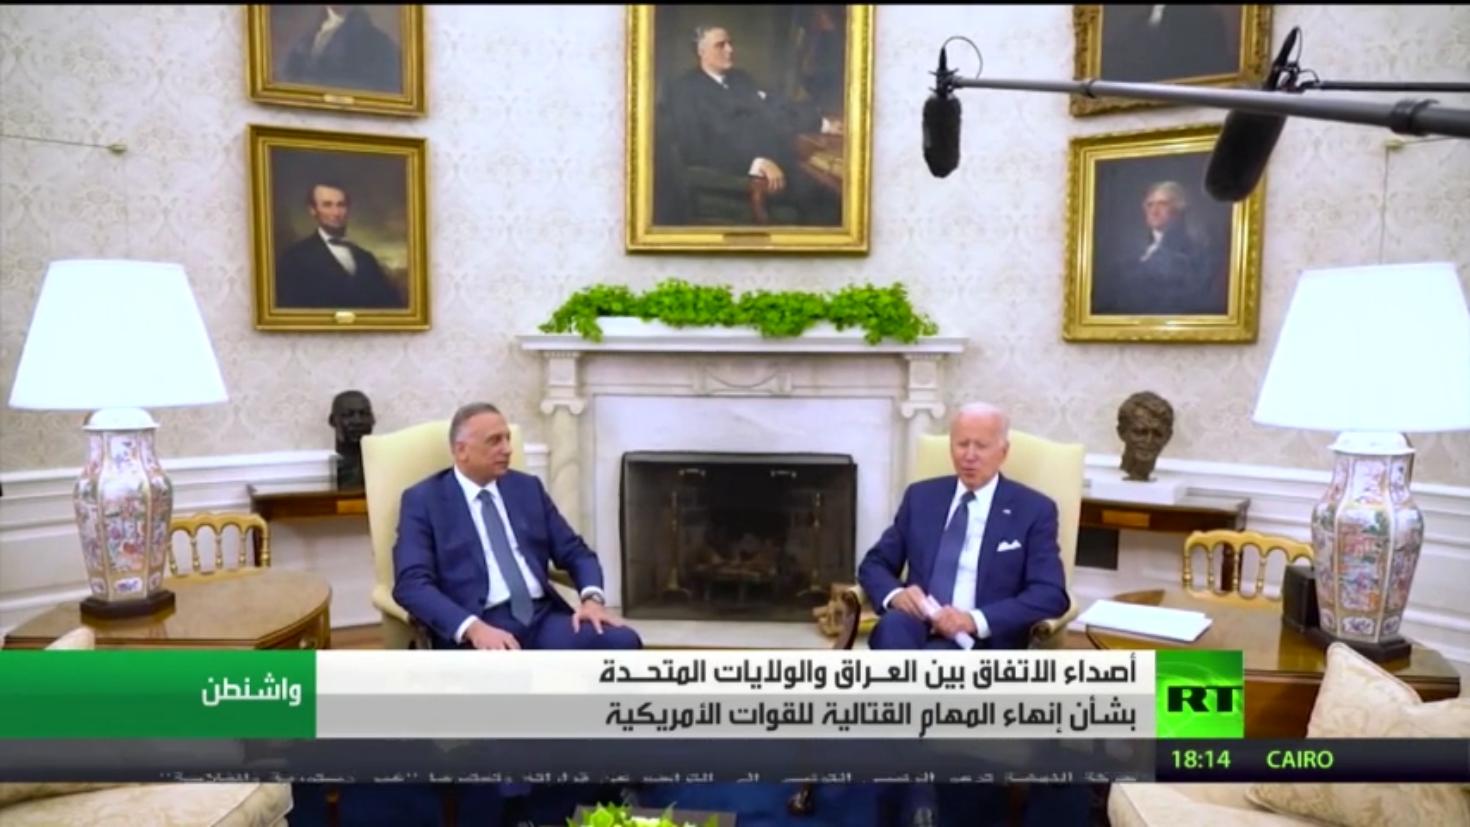 أصداء الاتفاق الاستراتيجي بين بغداد وواشنطن